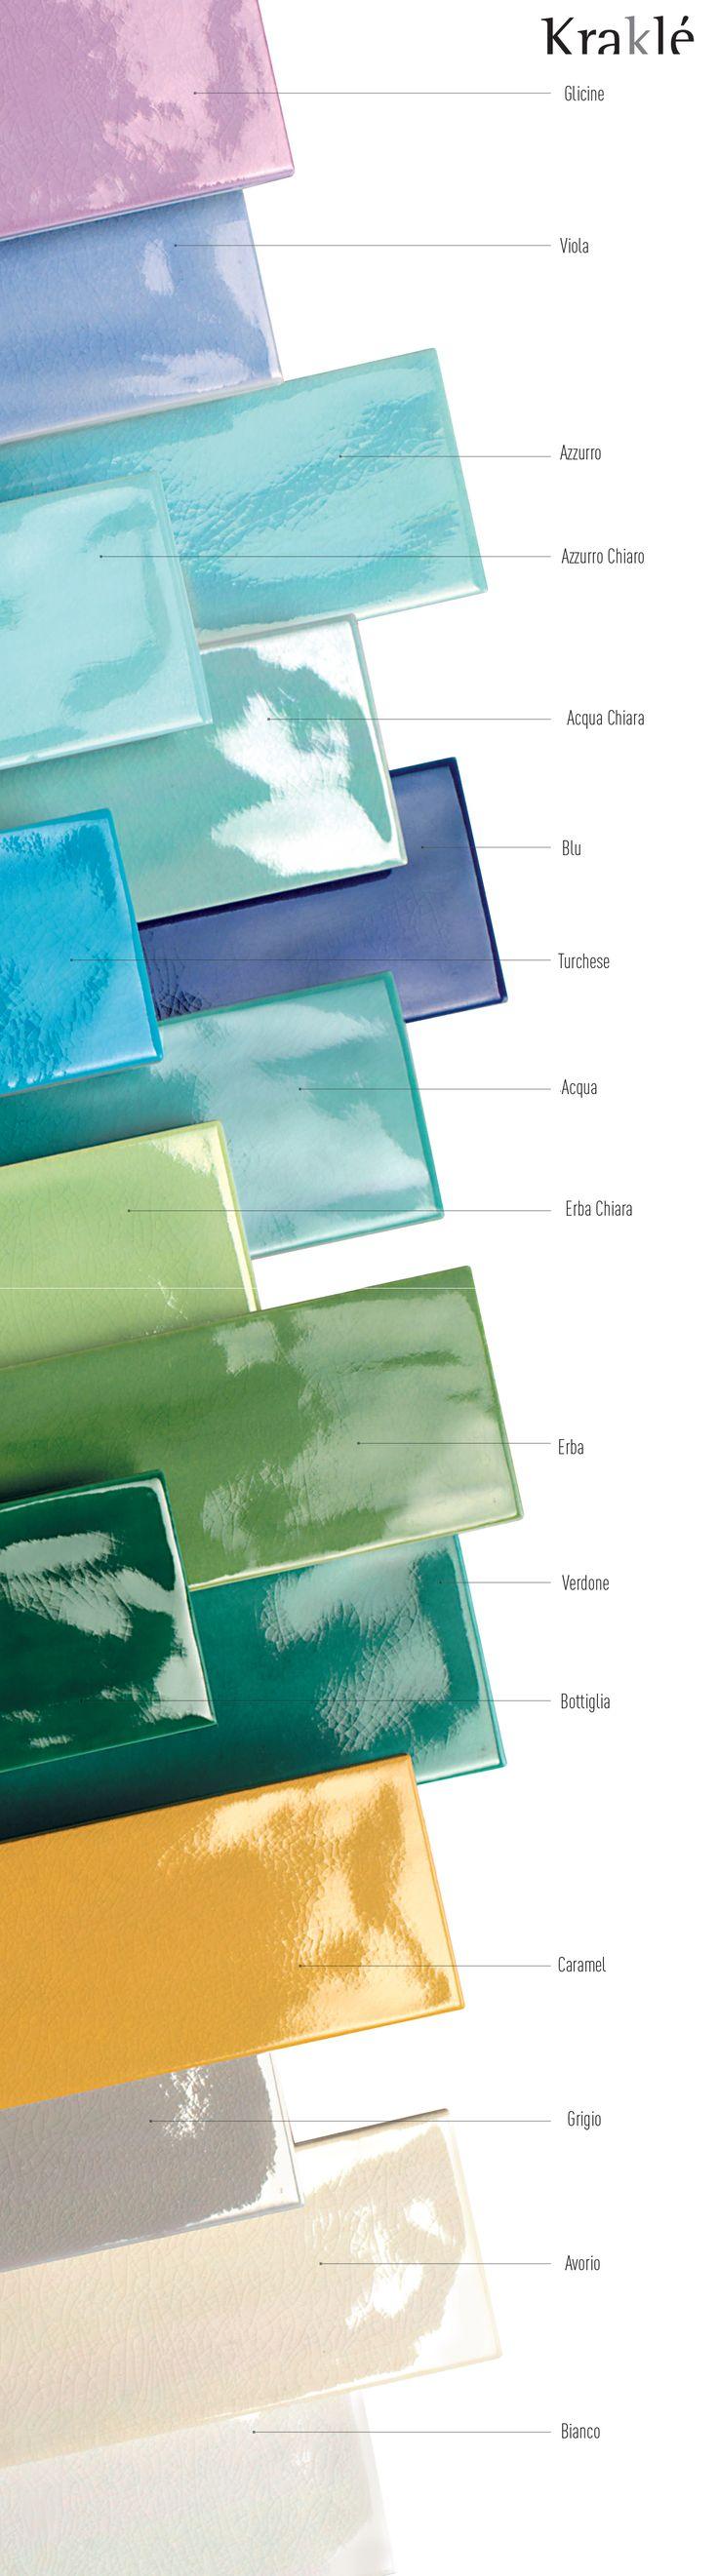 Tonalite #www.tonalite.it Kraklè Tiles ..anche nel nostro shop online www.ediliziaroscini.com